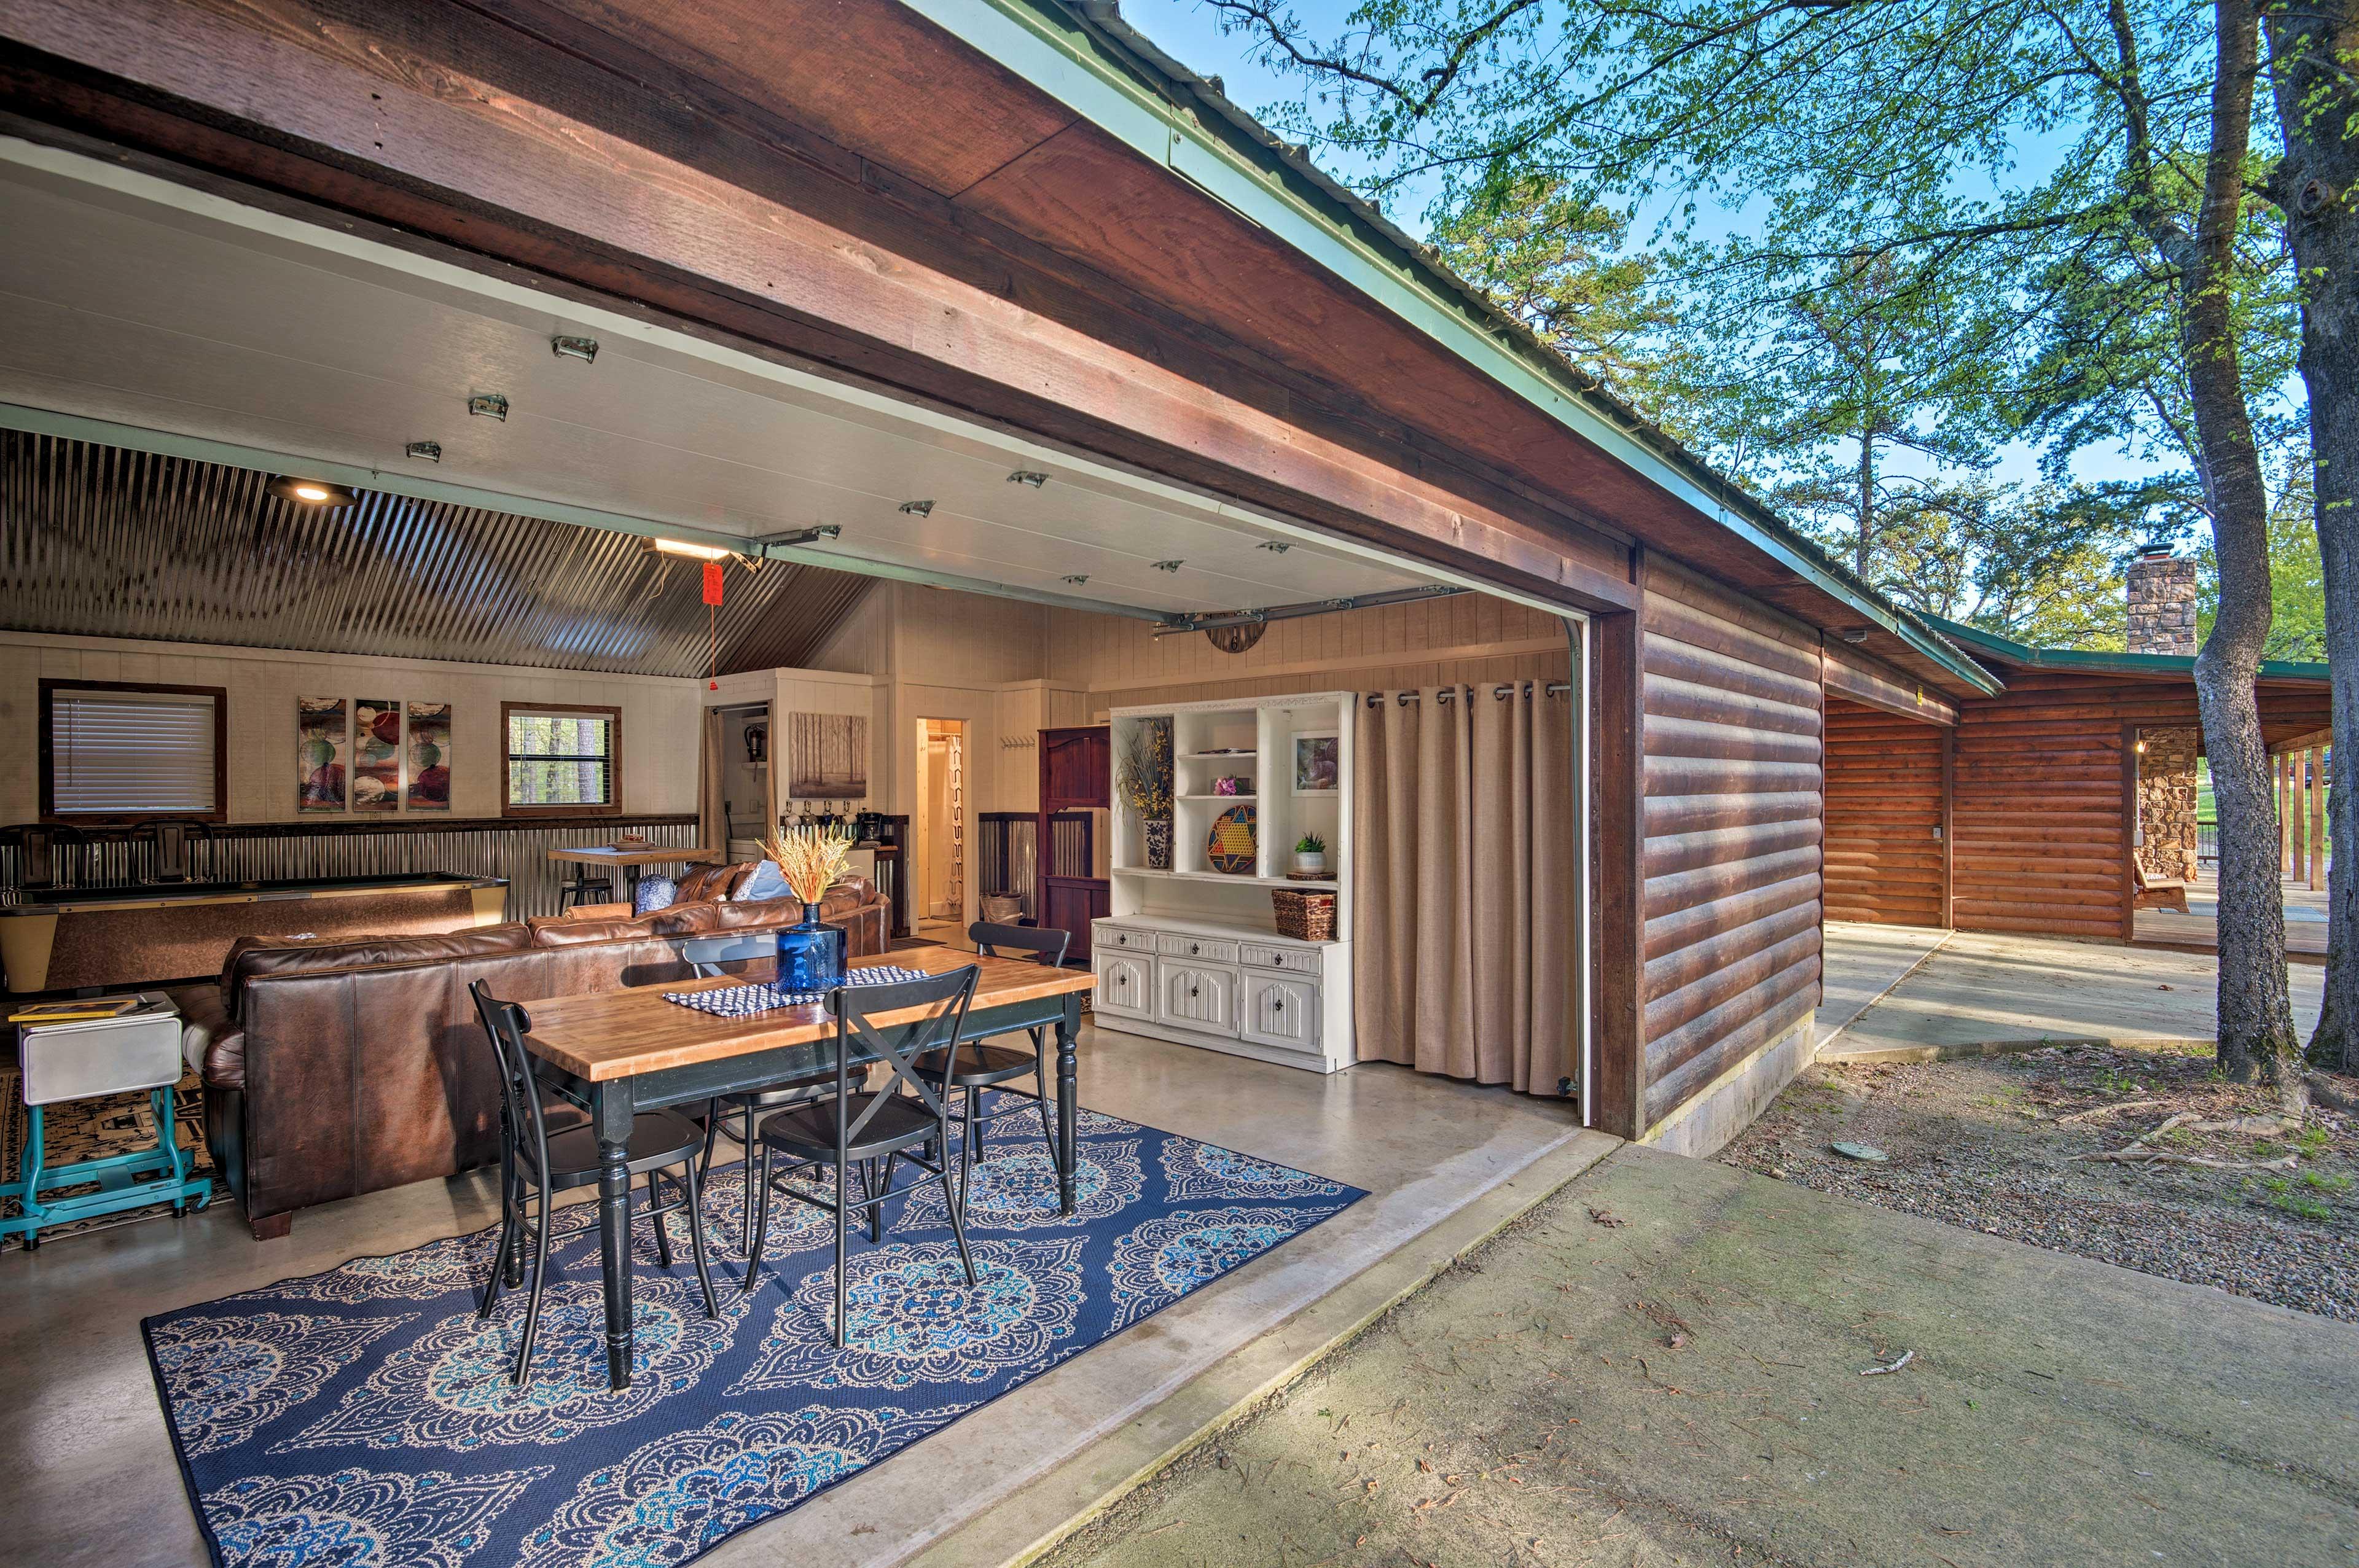 Throw open the garage door to let the fresh air in!